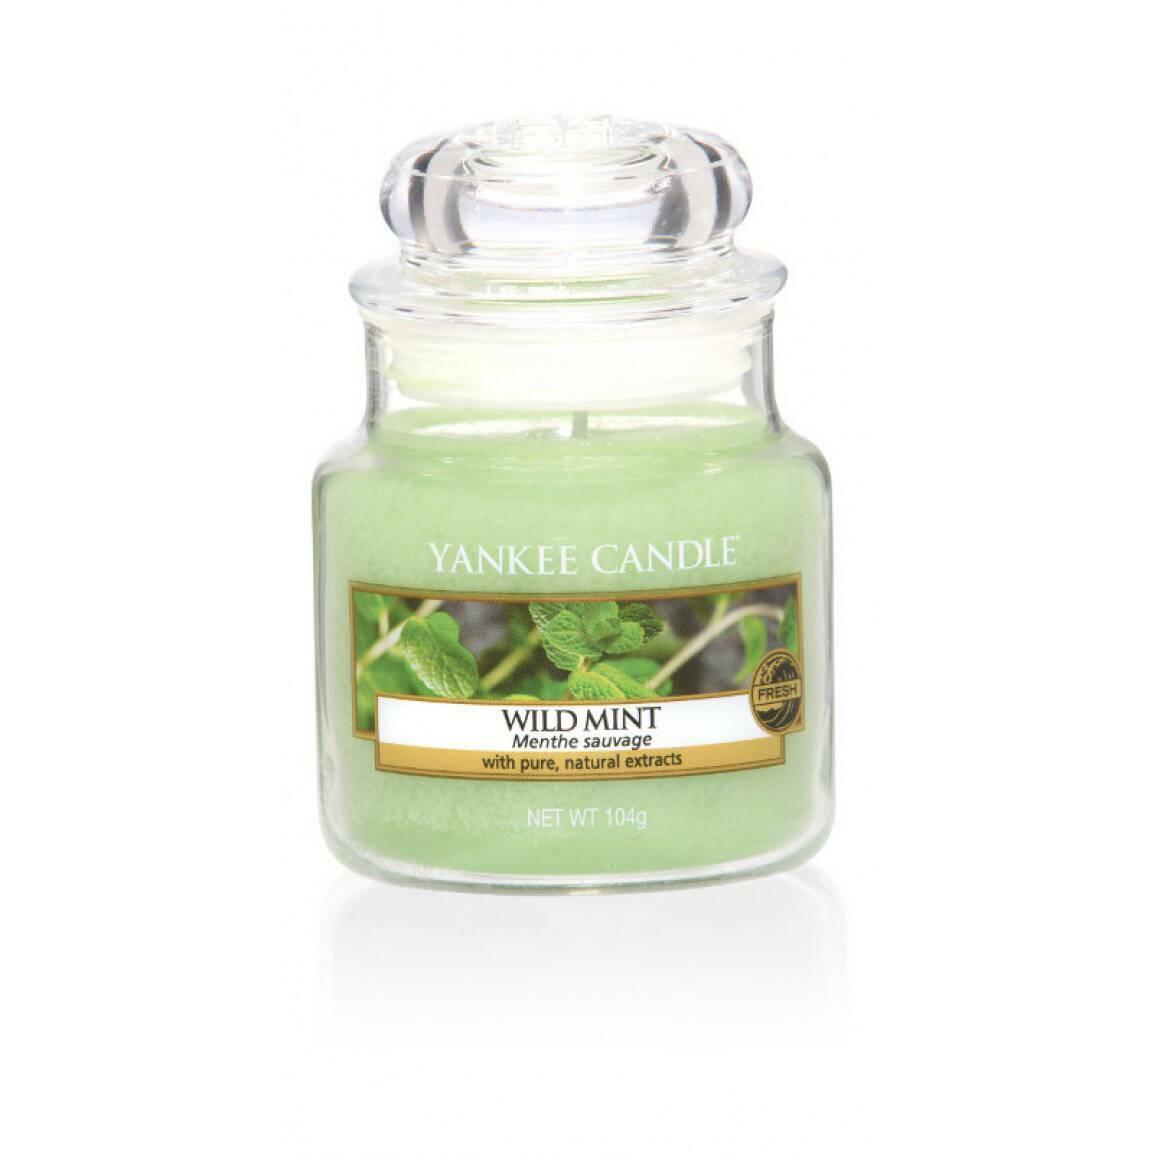 Свеча маленькая  в стеклянной банке Wild MintПодсвечники и свечи<br>Свеча маленькая в стеклянной банке Wild Mint — это листья дикой мяты, свежий, прохладный, бодрящий аромат. Верхняя нота — листья дикой мяты. Средняя нота — свежая мята. Базовая нота — мускус, сандаловое дерево.<br> <br> Сделано в США.<br> Время горения 25–40 часов.<br> Вес нетто 104 г<br><br>stock: 0<br>Высота: 8.6<br>Цвет: Зелёный<br>Диаметр: 5.8